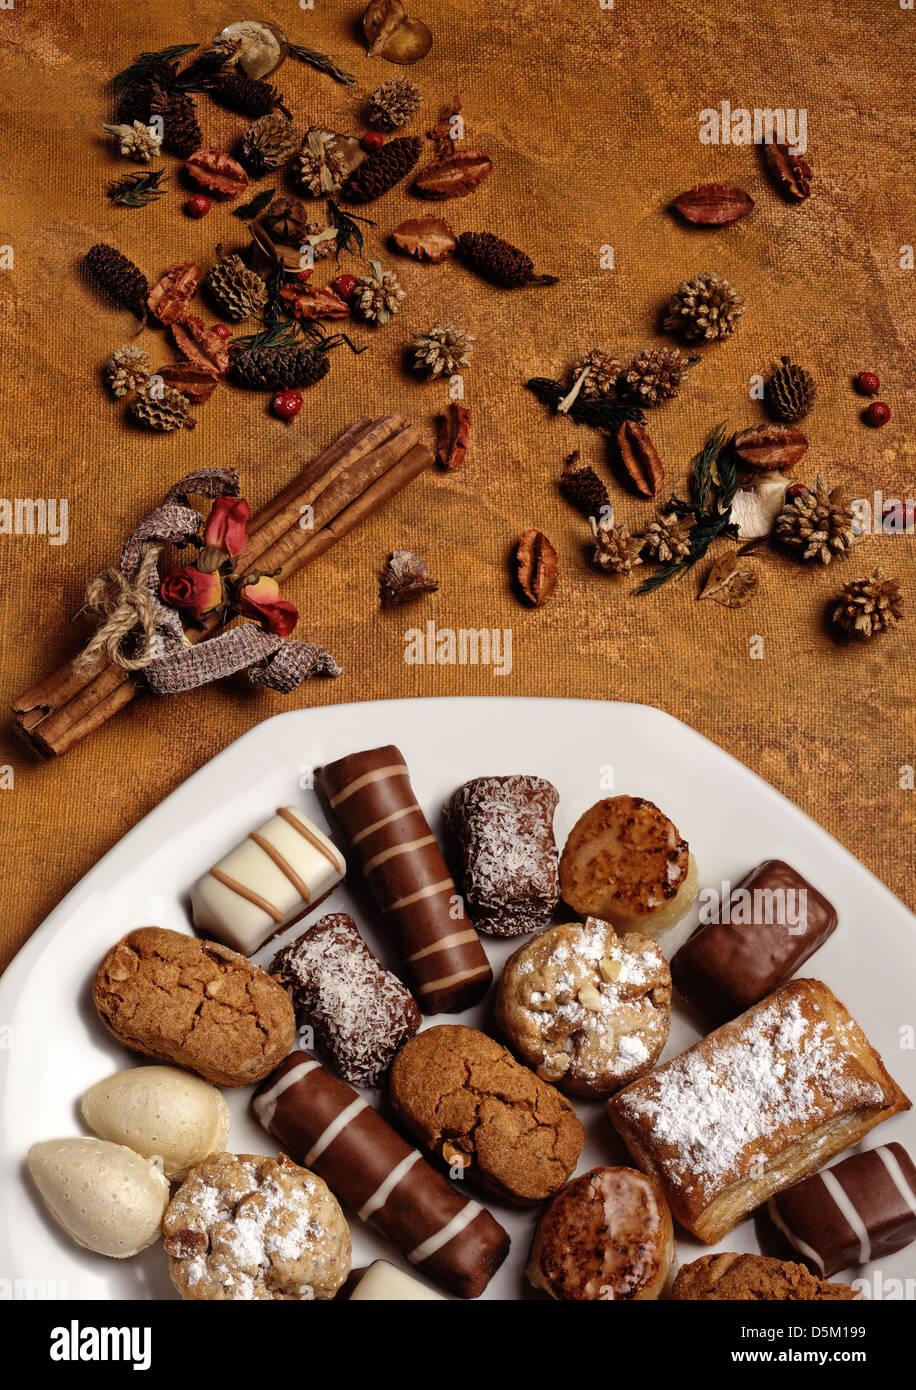 Stillleben mit Kuchen und Süßigkeiten Stockbild